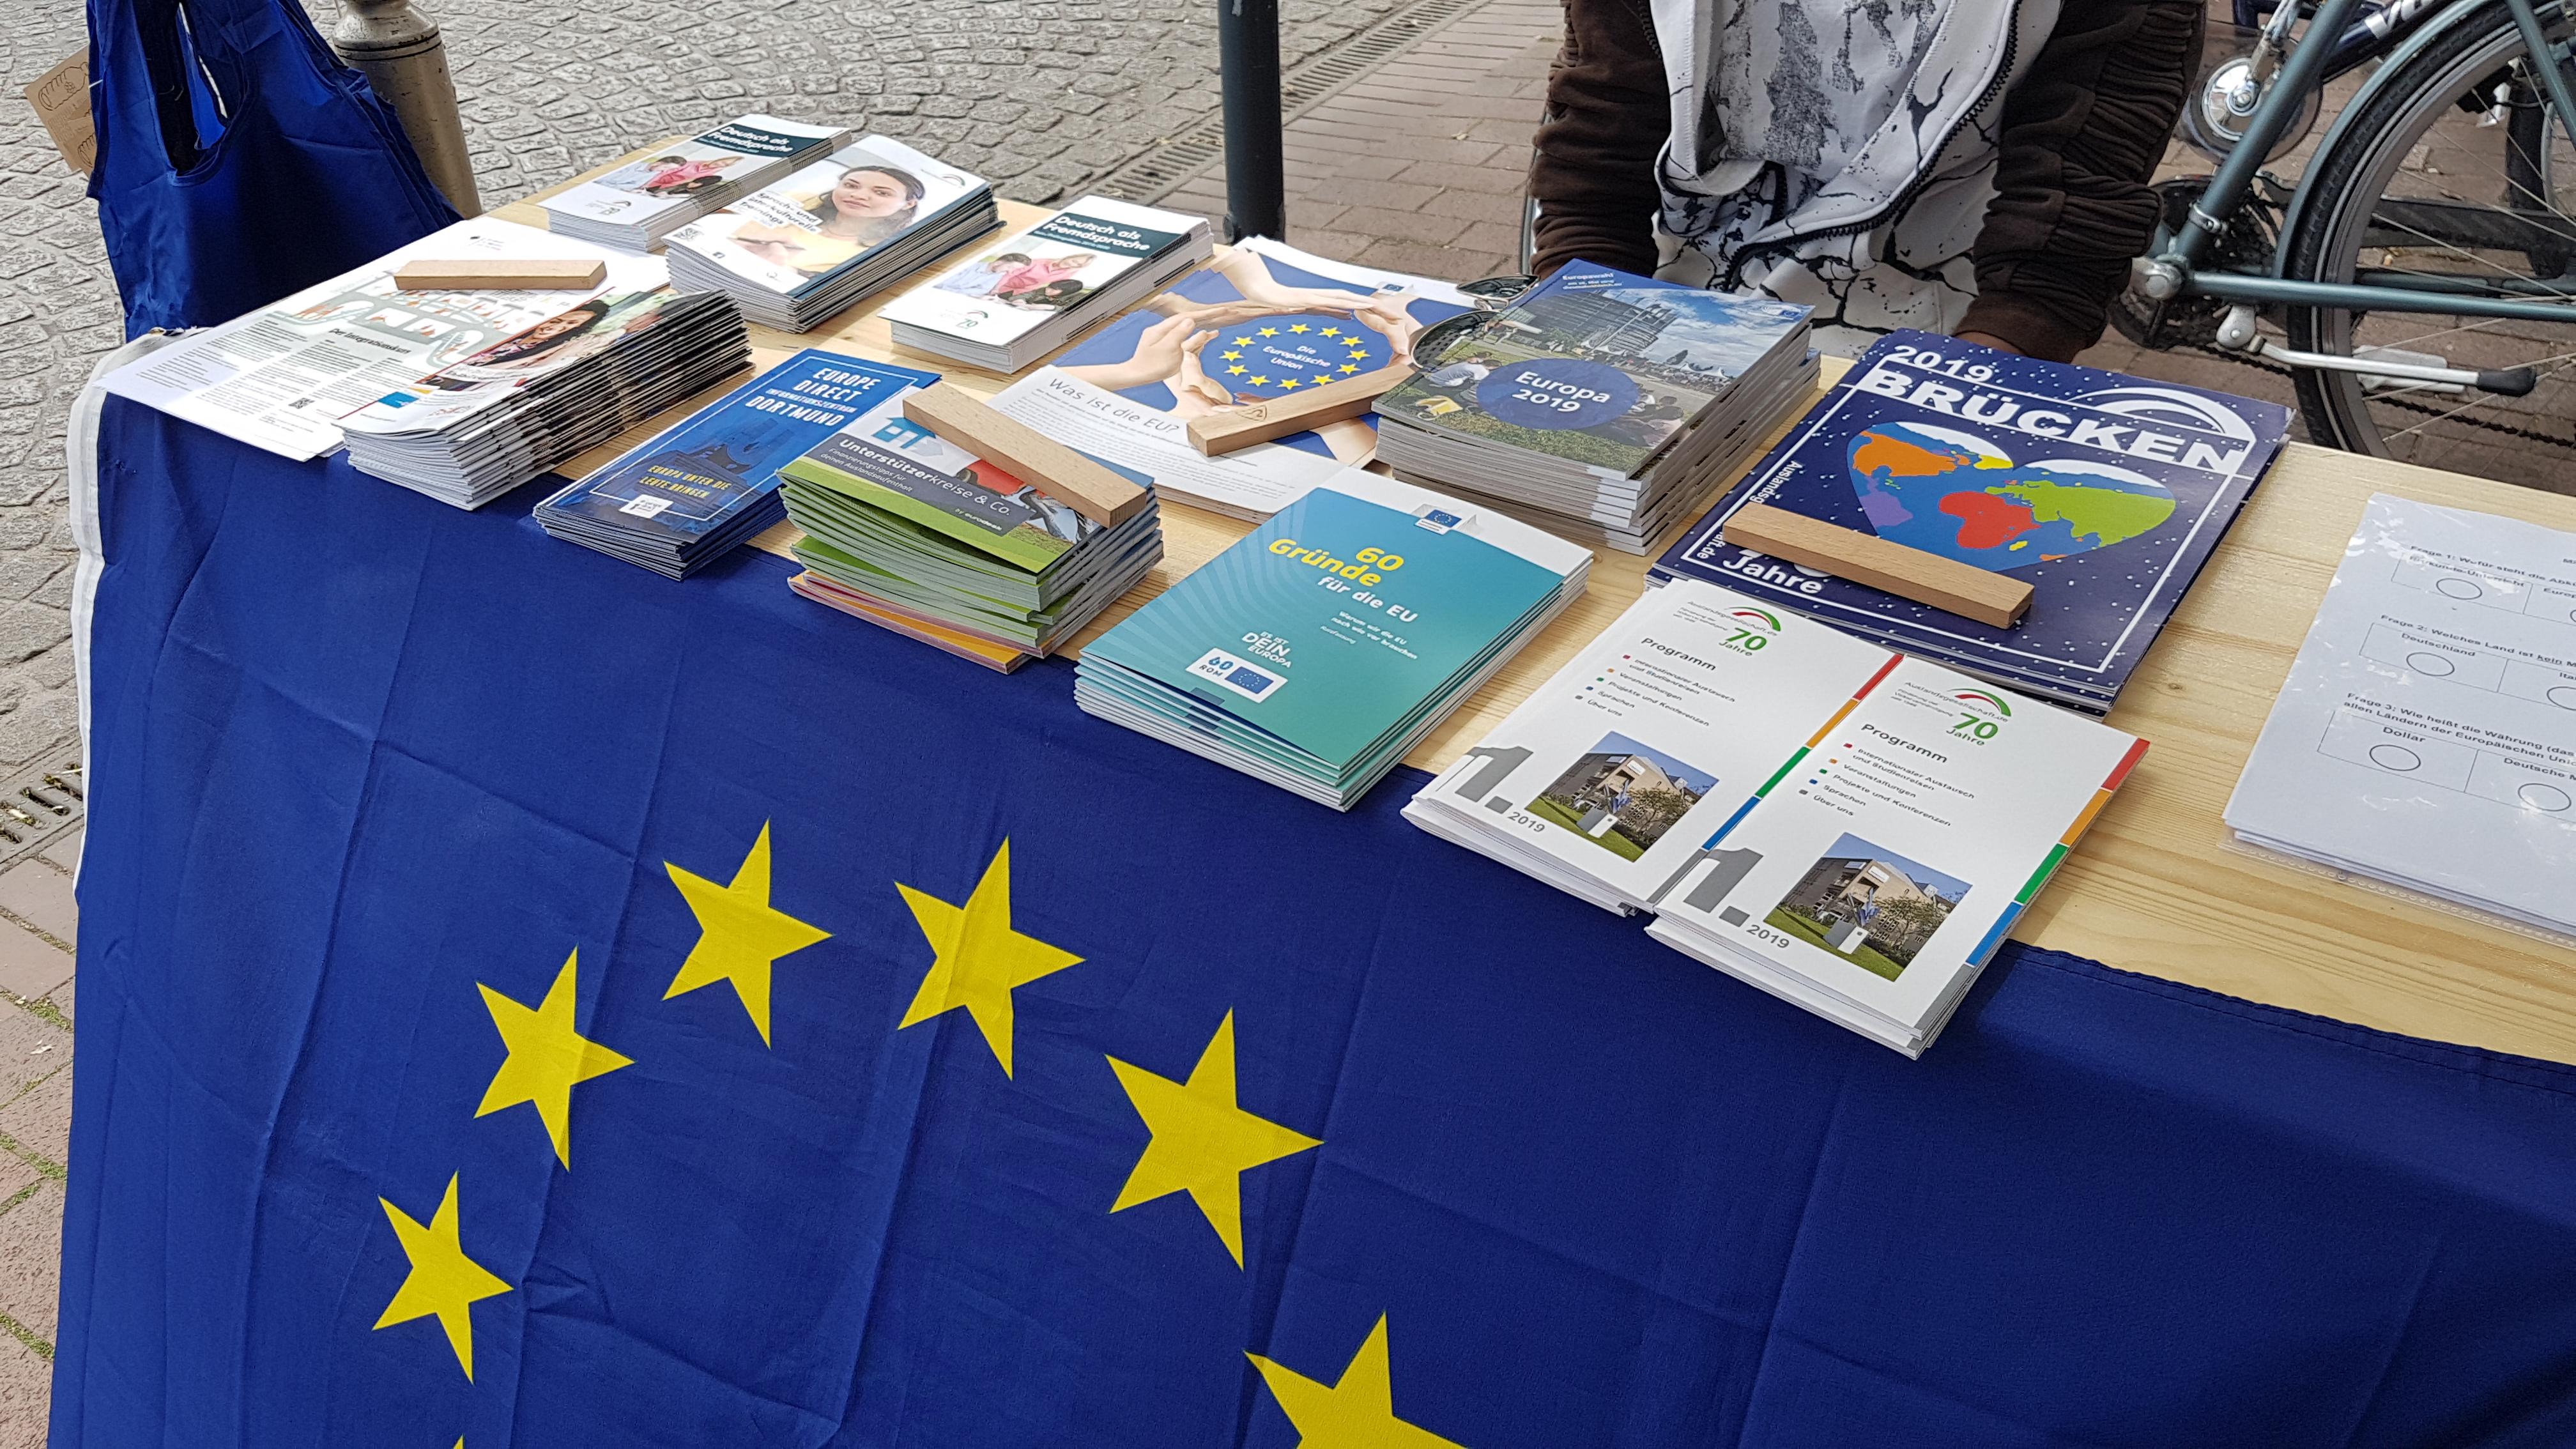 Natürlich wurde auf dem Münsterstraßenfest auch informiert und allerlei Fragen zur EU beantwortet, 06.07.2019